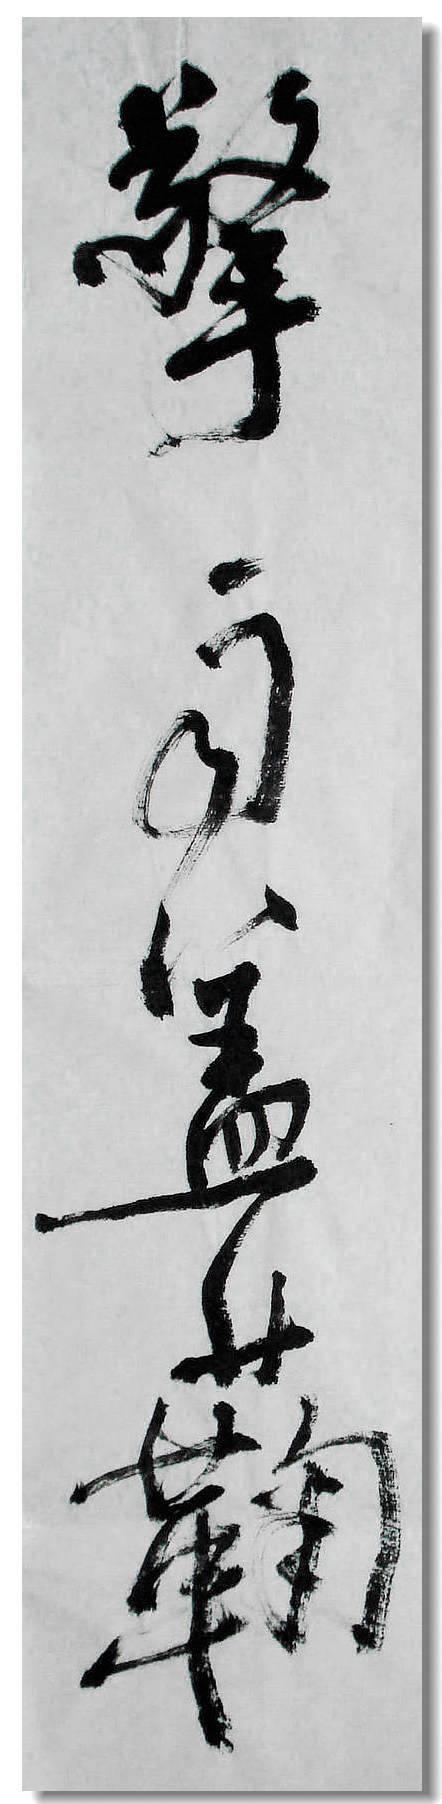 笔名林风,1949年出生,江苏溧阳人,毕业于河南书法教育函授院.